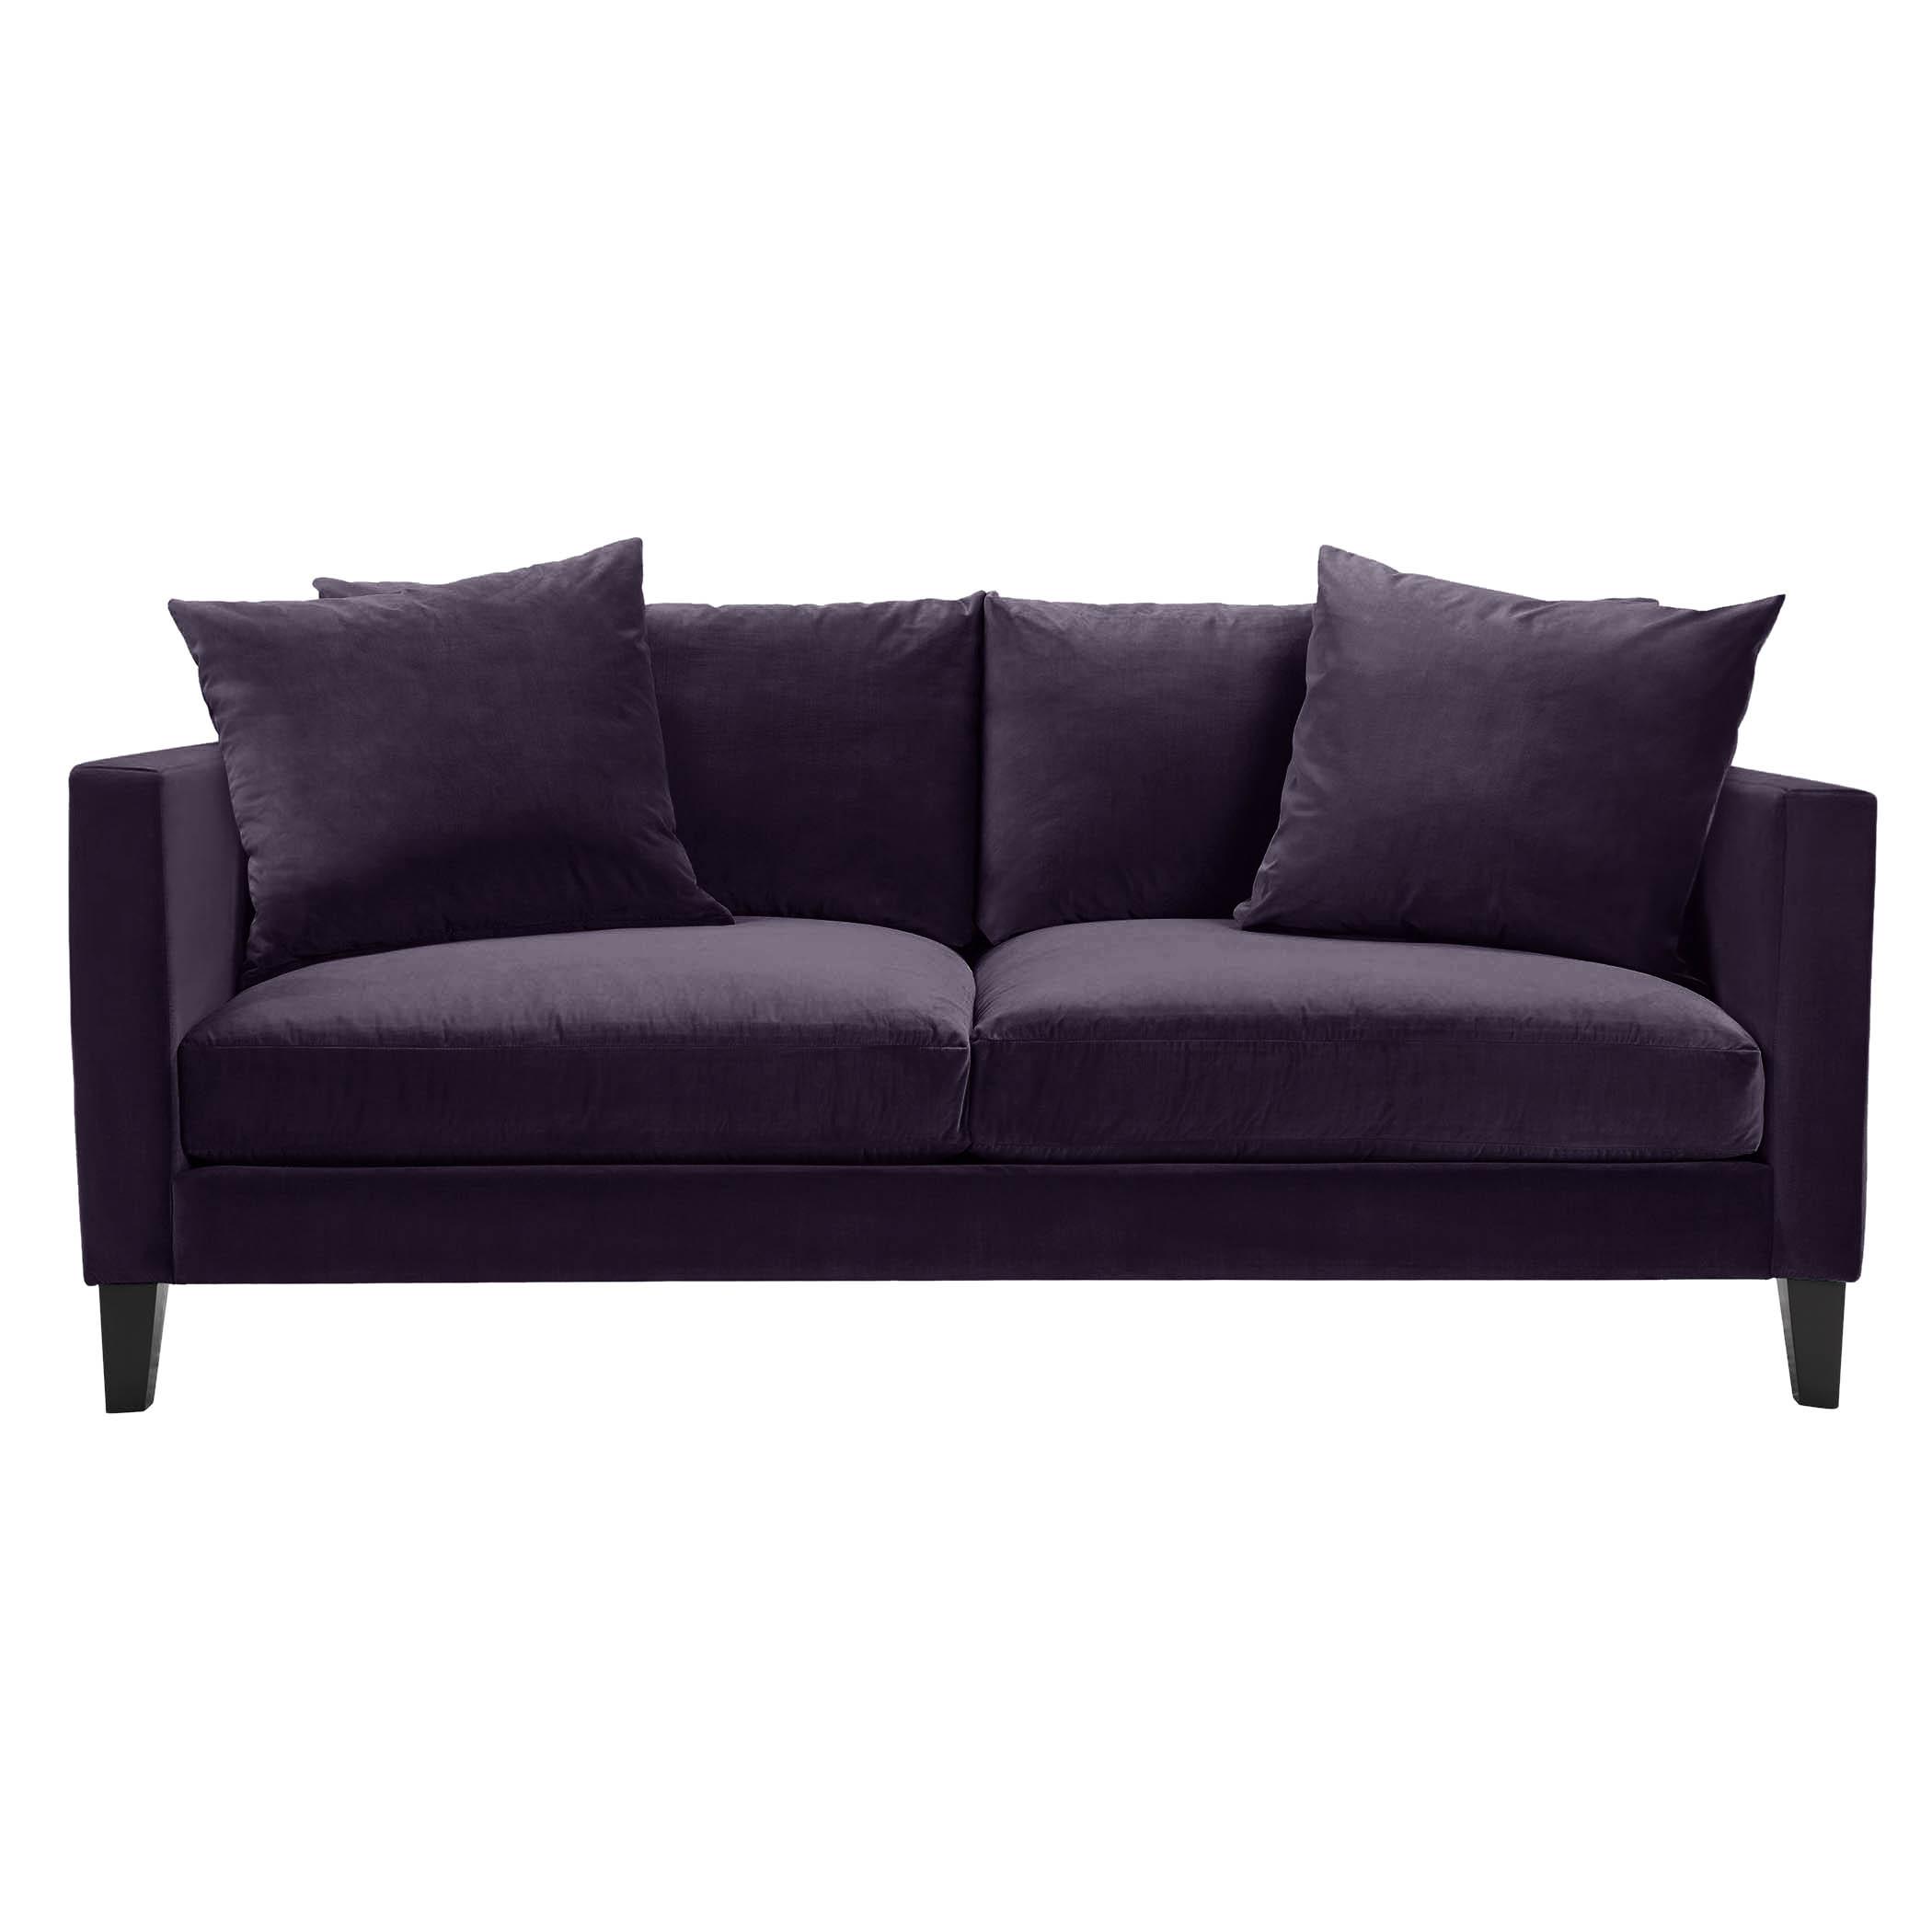 Details Track Arm Sofa